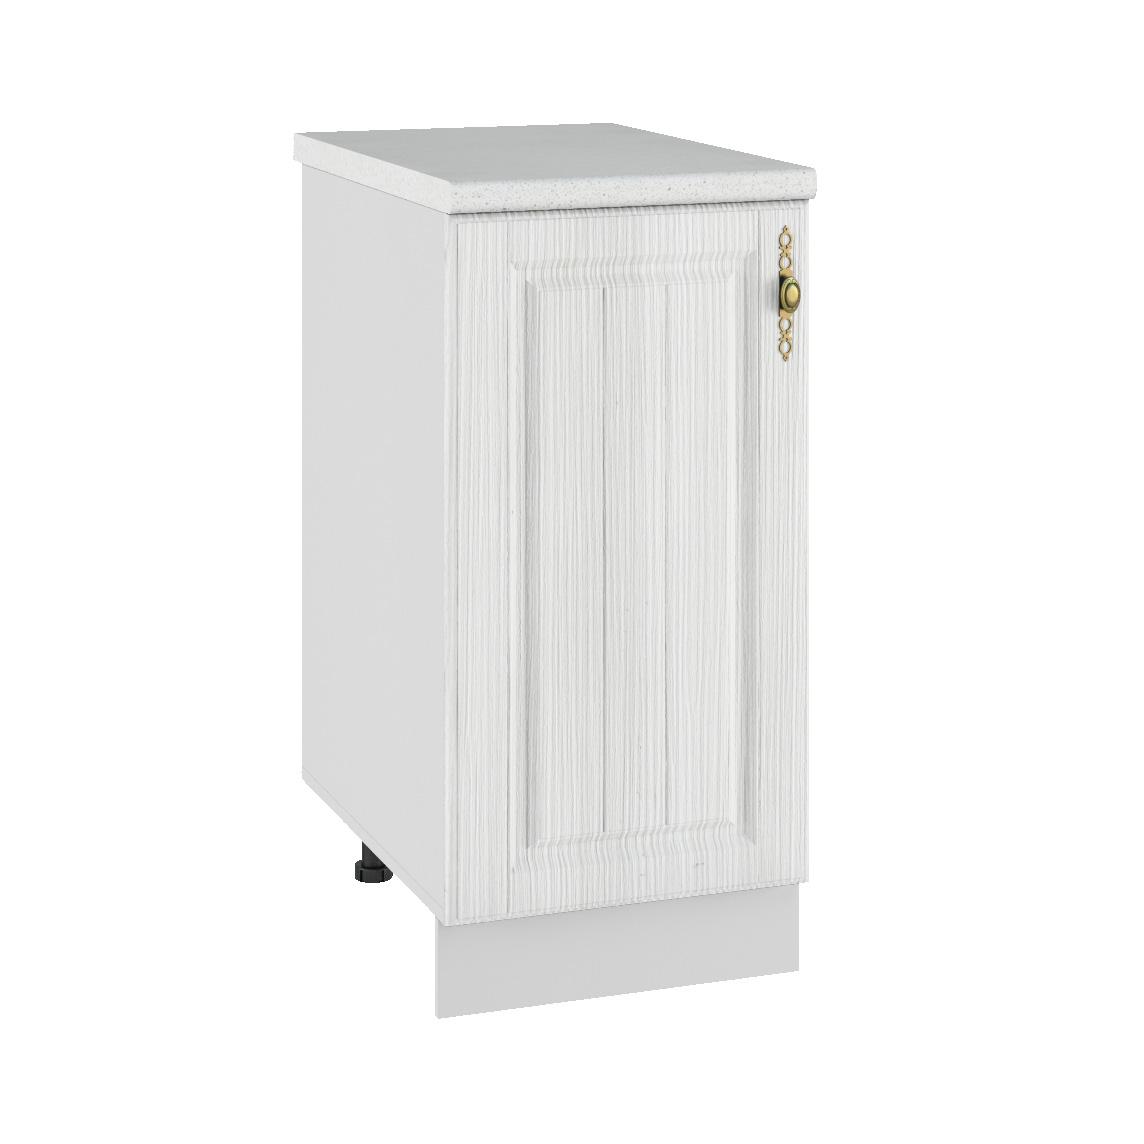 Кухня Империя С 300 Шкаф нижний